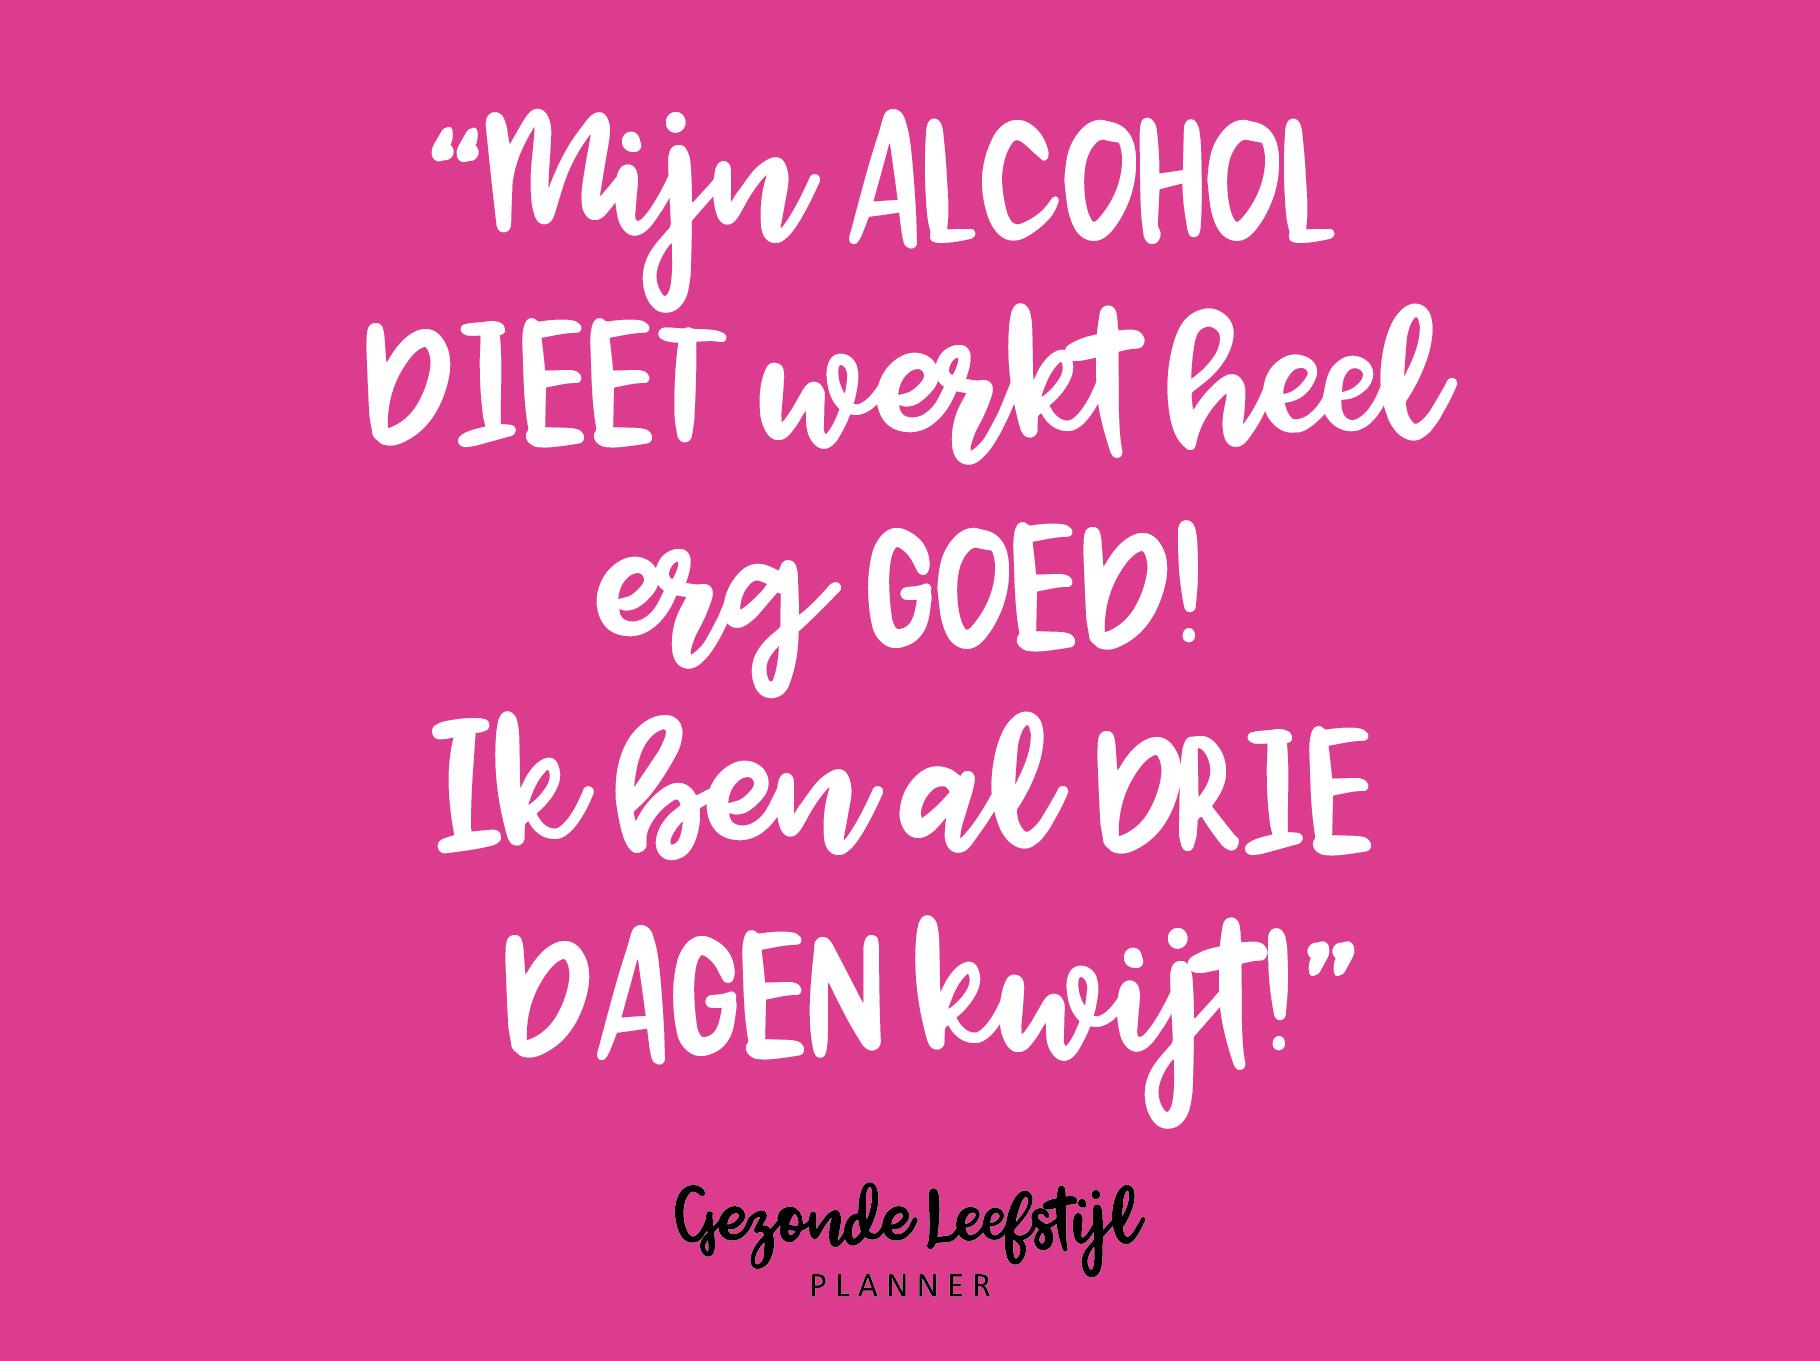 alcohol quote afvallen almere gezonde leefstijl dieet